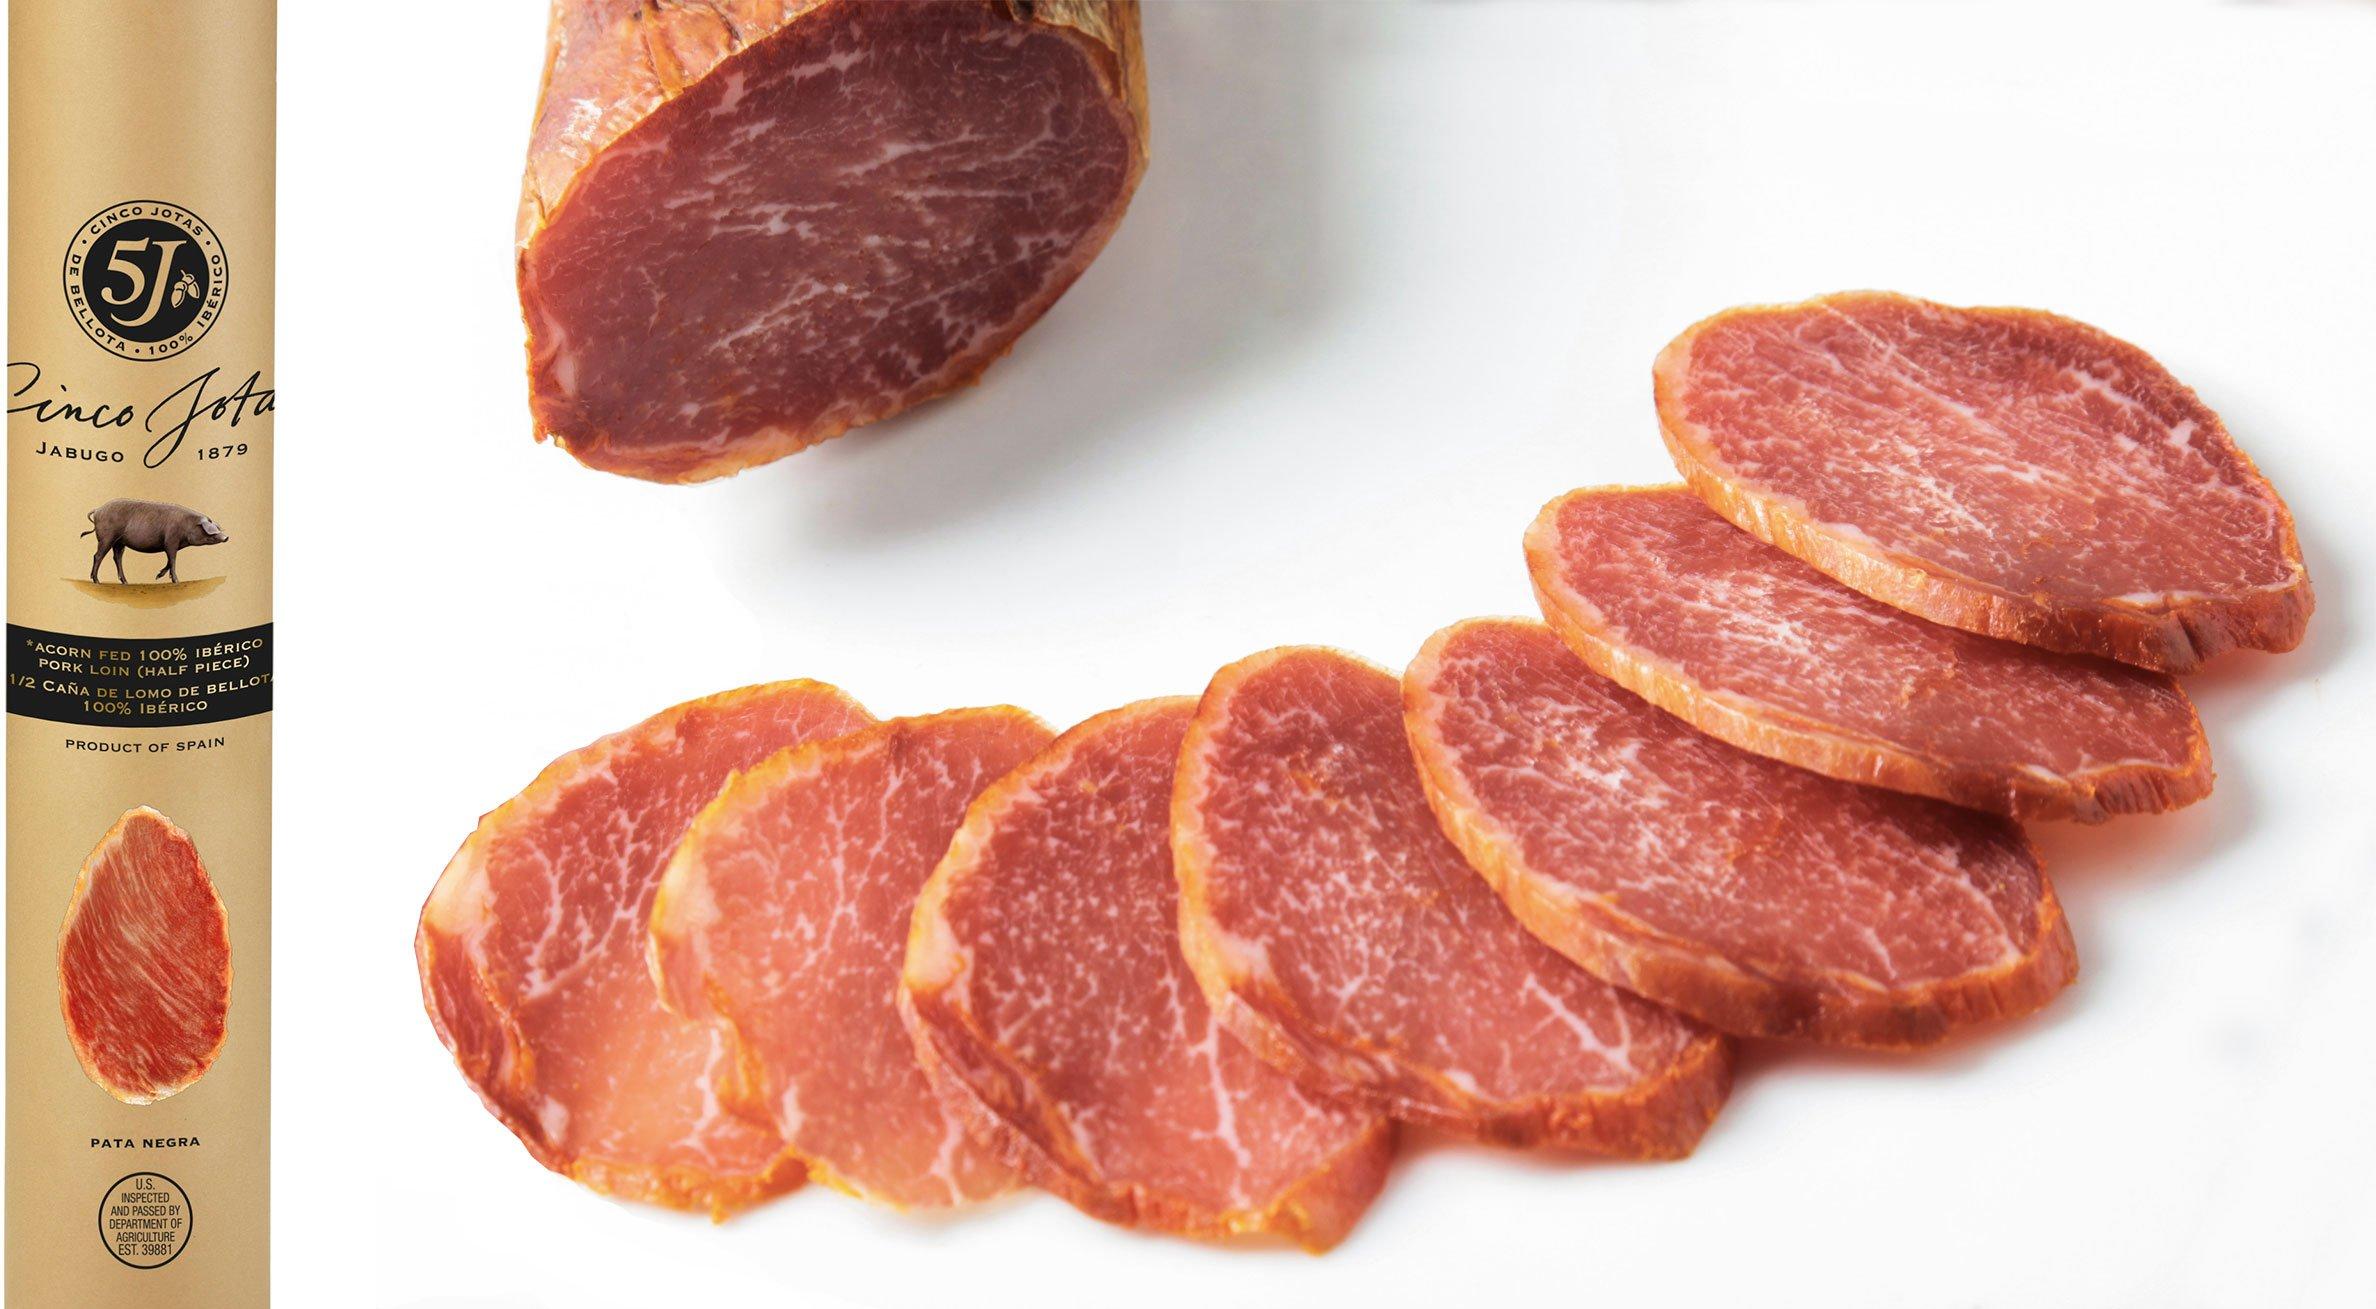 Cinco Jotas (5J) Spanish Acorn-fed Lomo (loin)